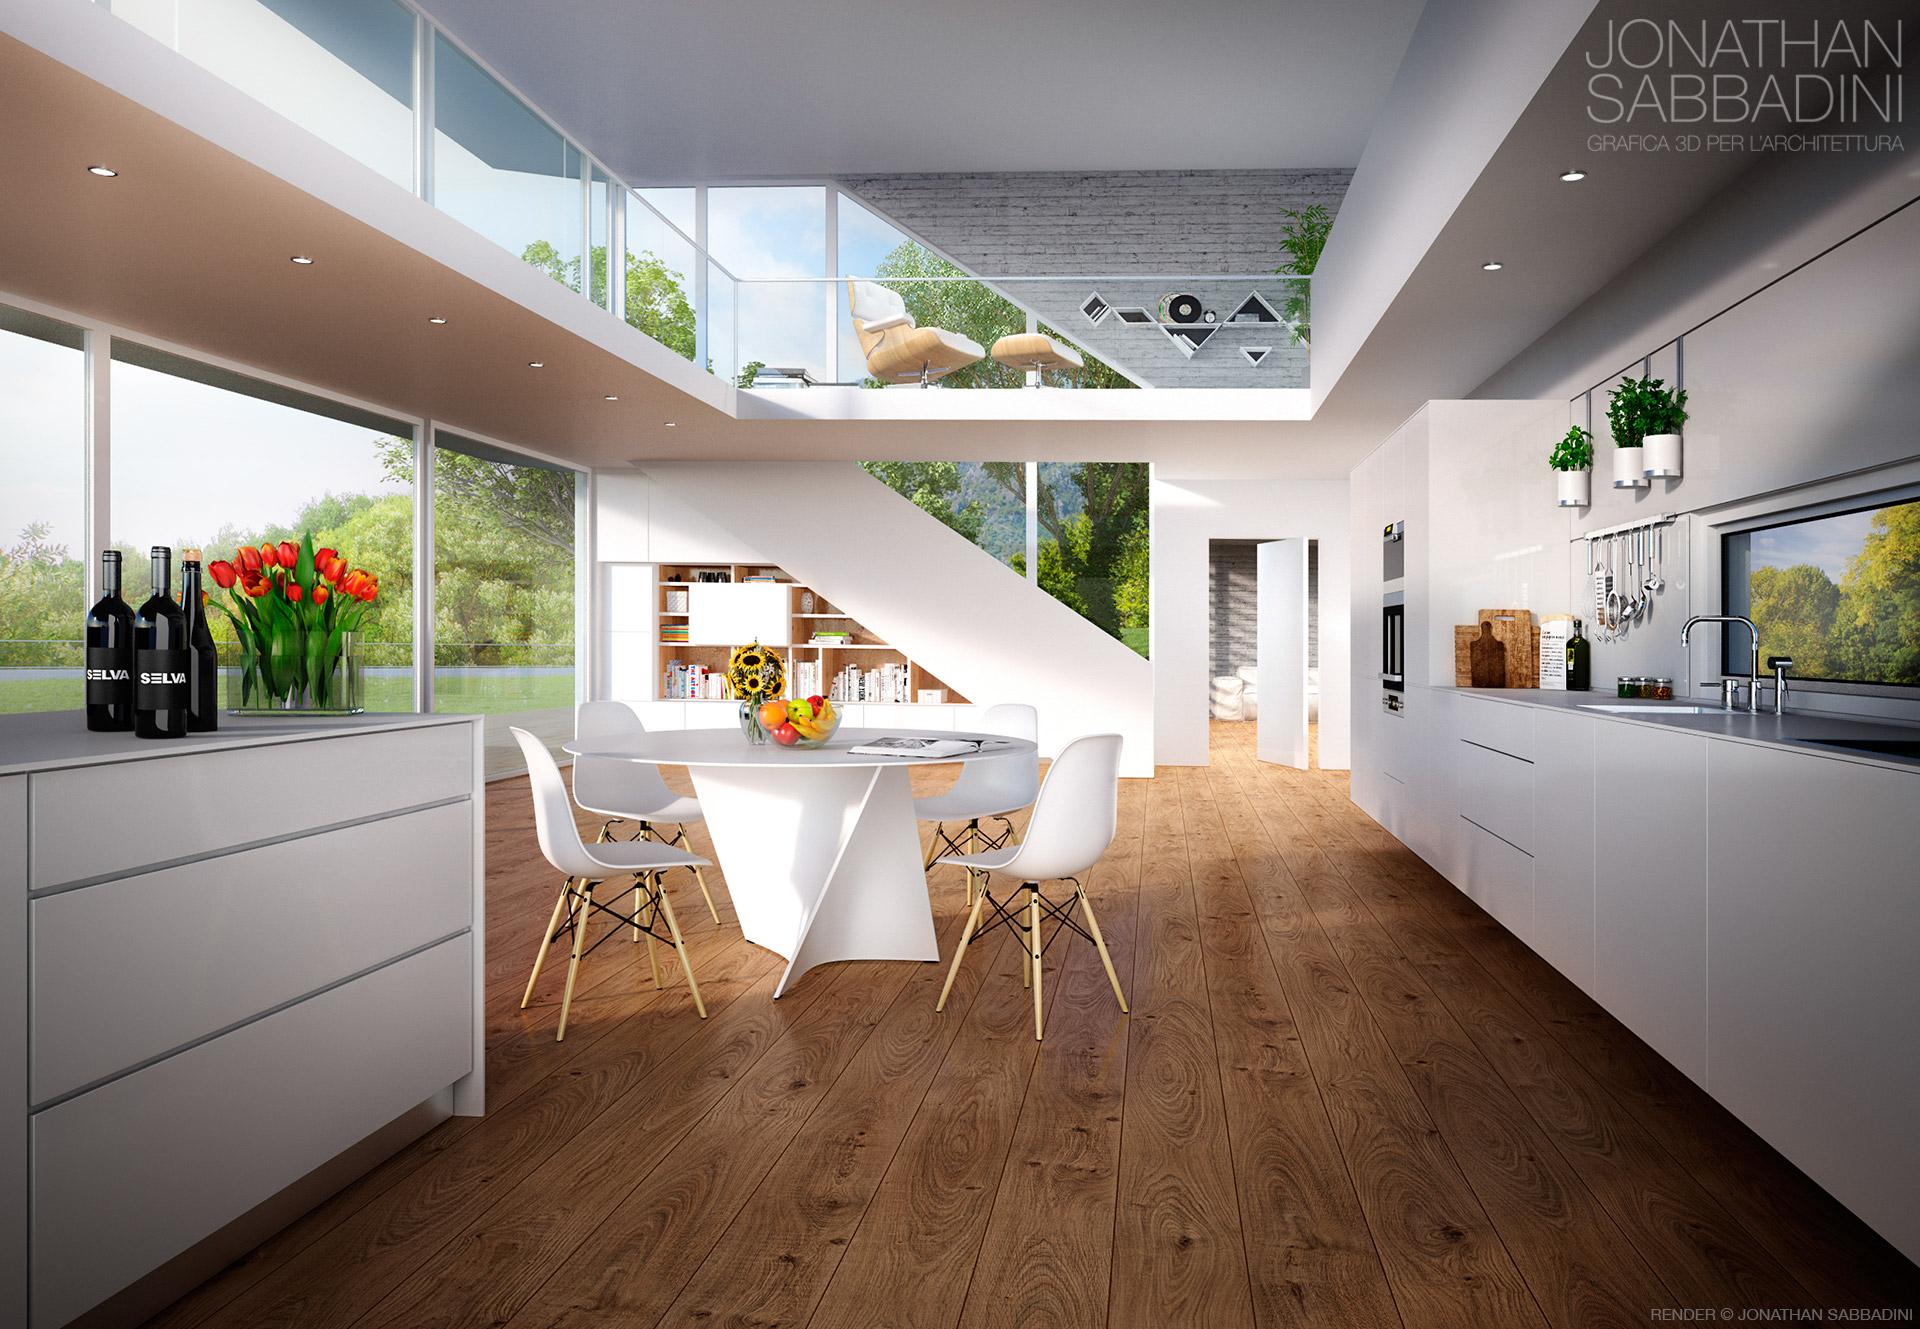 Arredamento pavimenti serramenti render pubblicitario for Interni appartamenti moderni